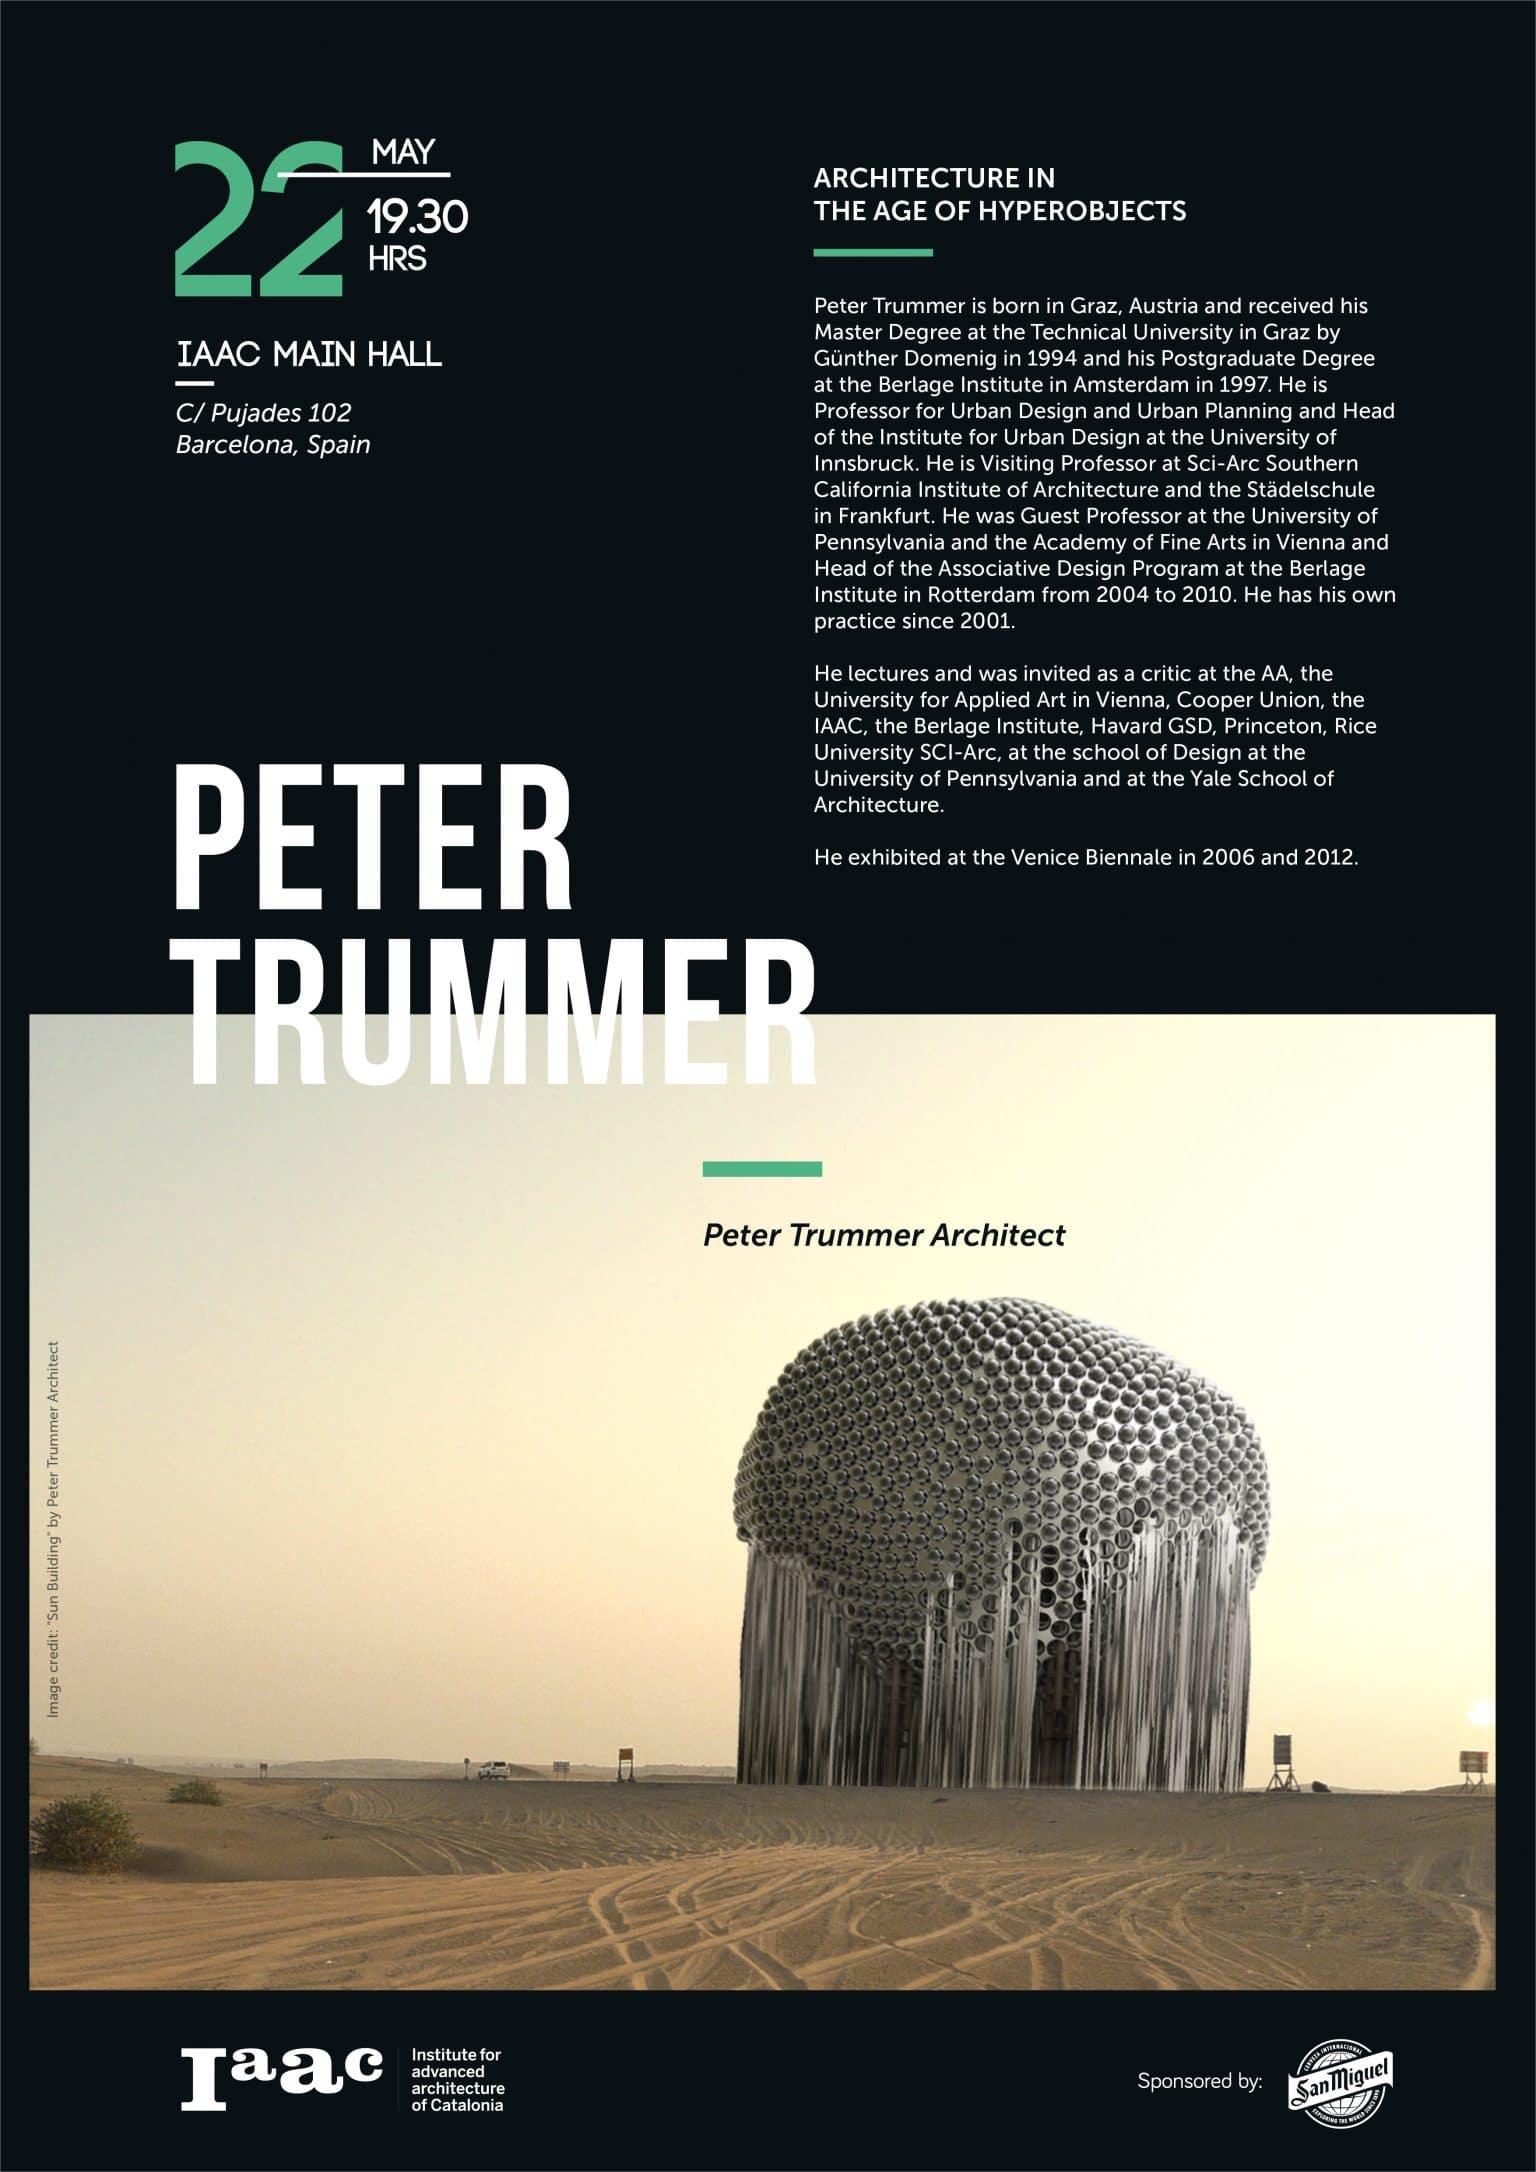 Peter Trummer